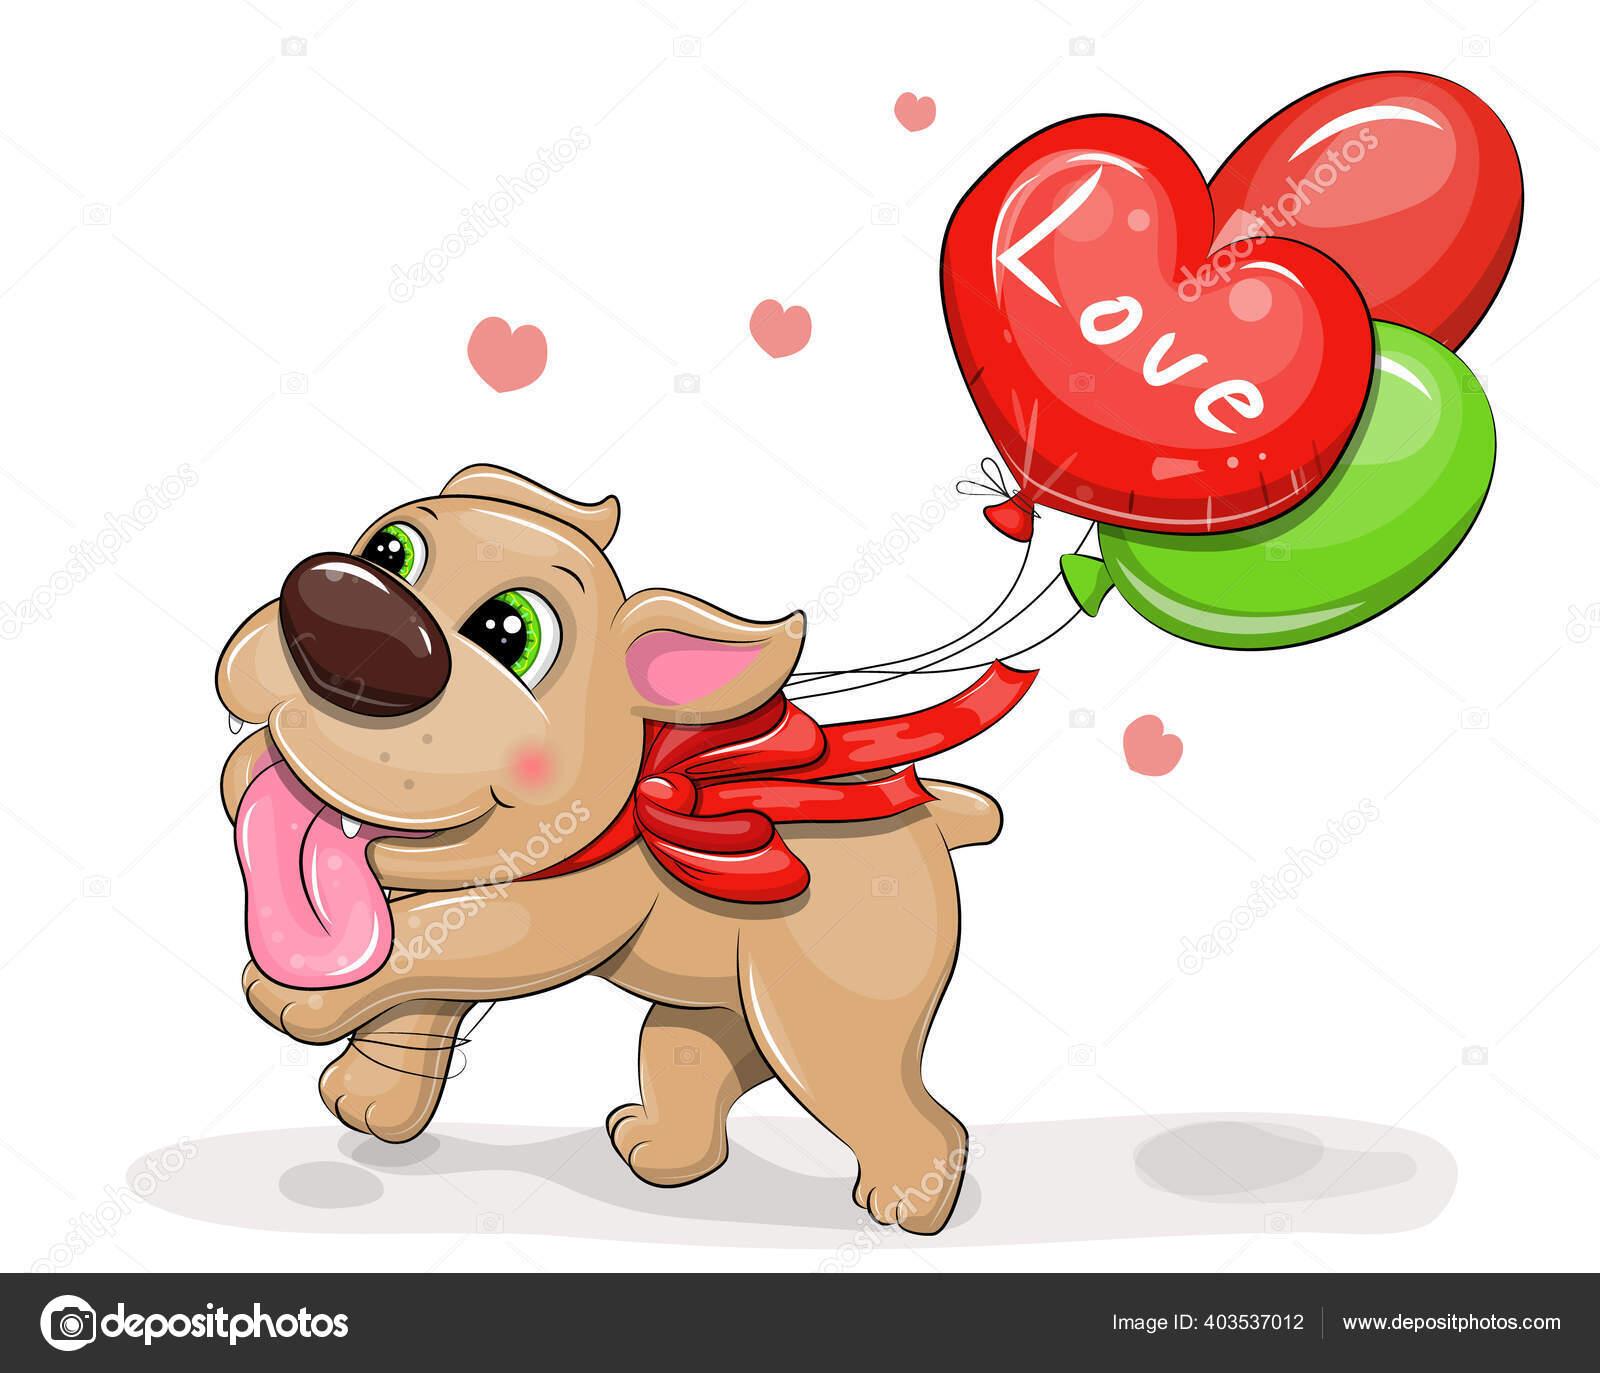 Chiot Dessin Anime Mignon Avec Des Ballons Colores Arc Rouge Image Vectorielle Oncidium C 403537012